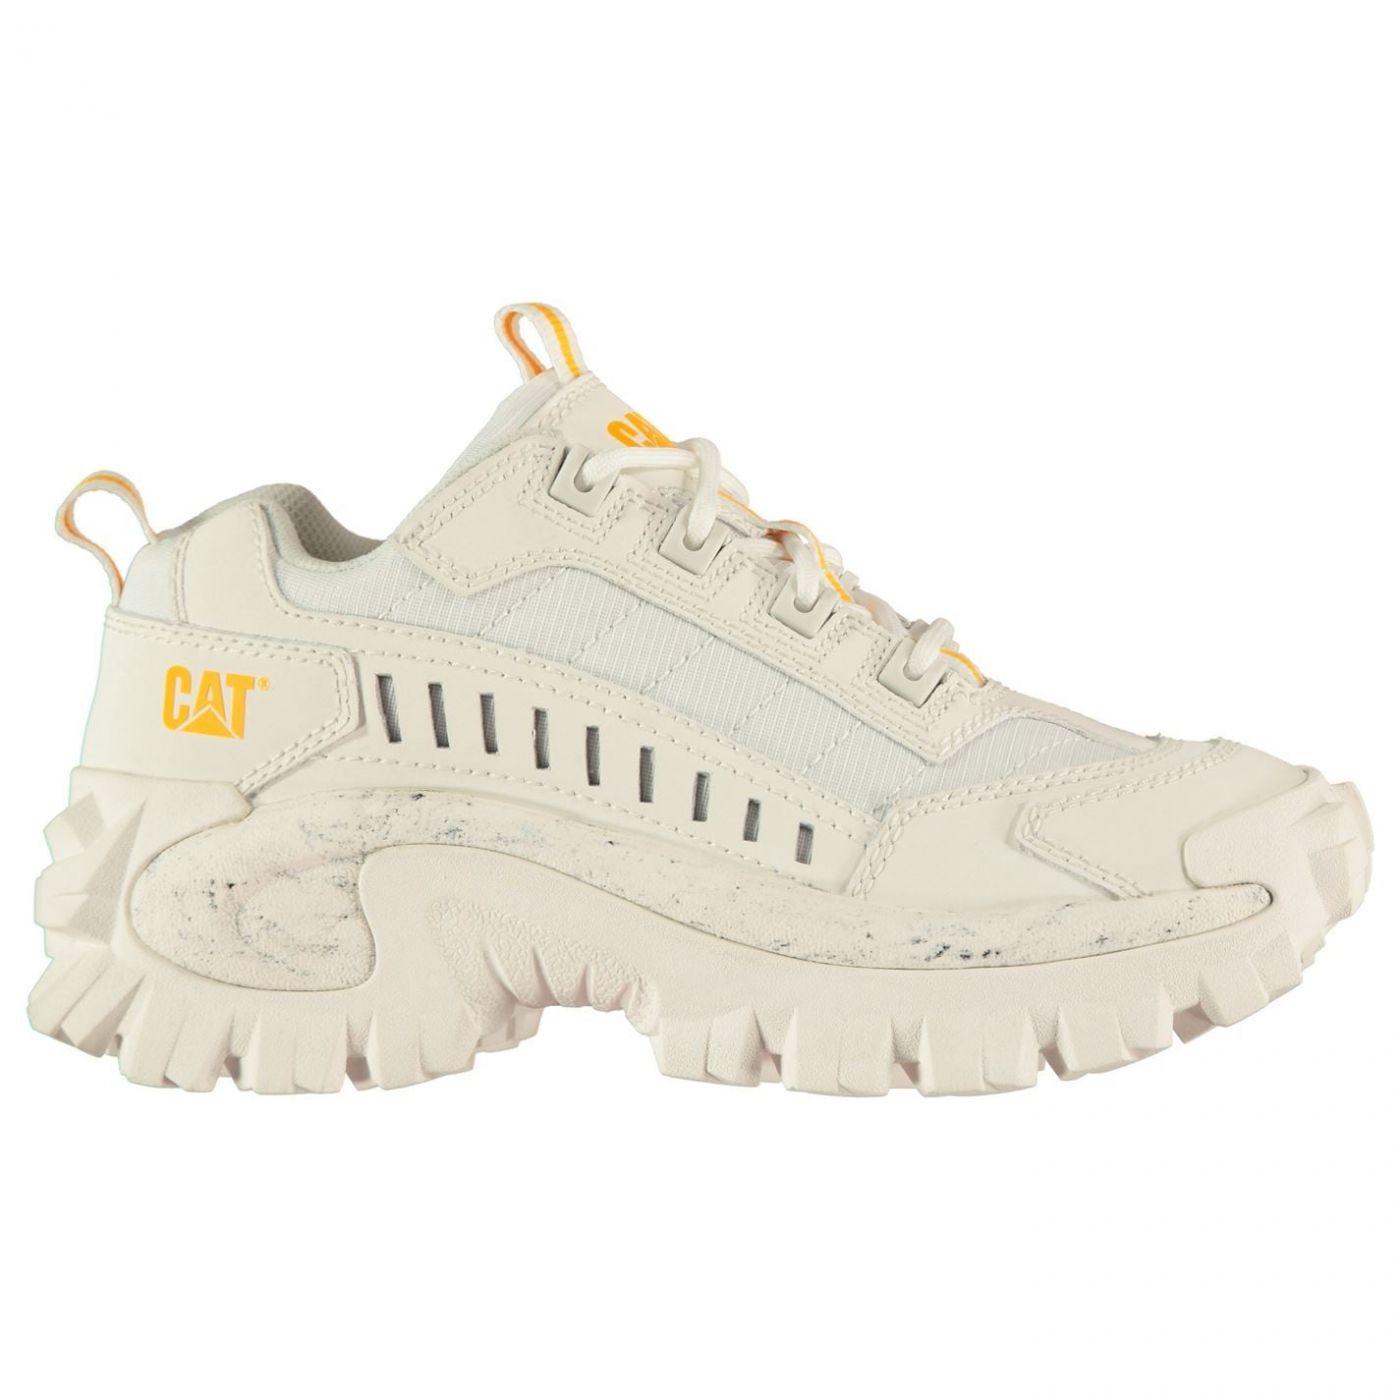 Caterpillar Intruder Boots